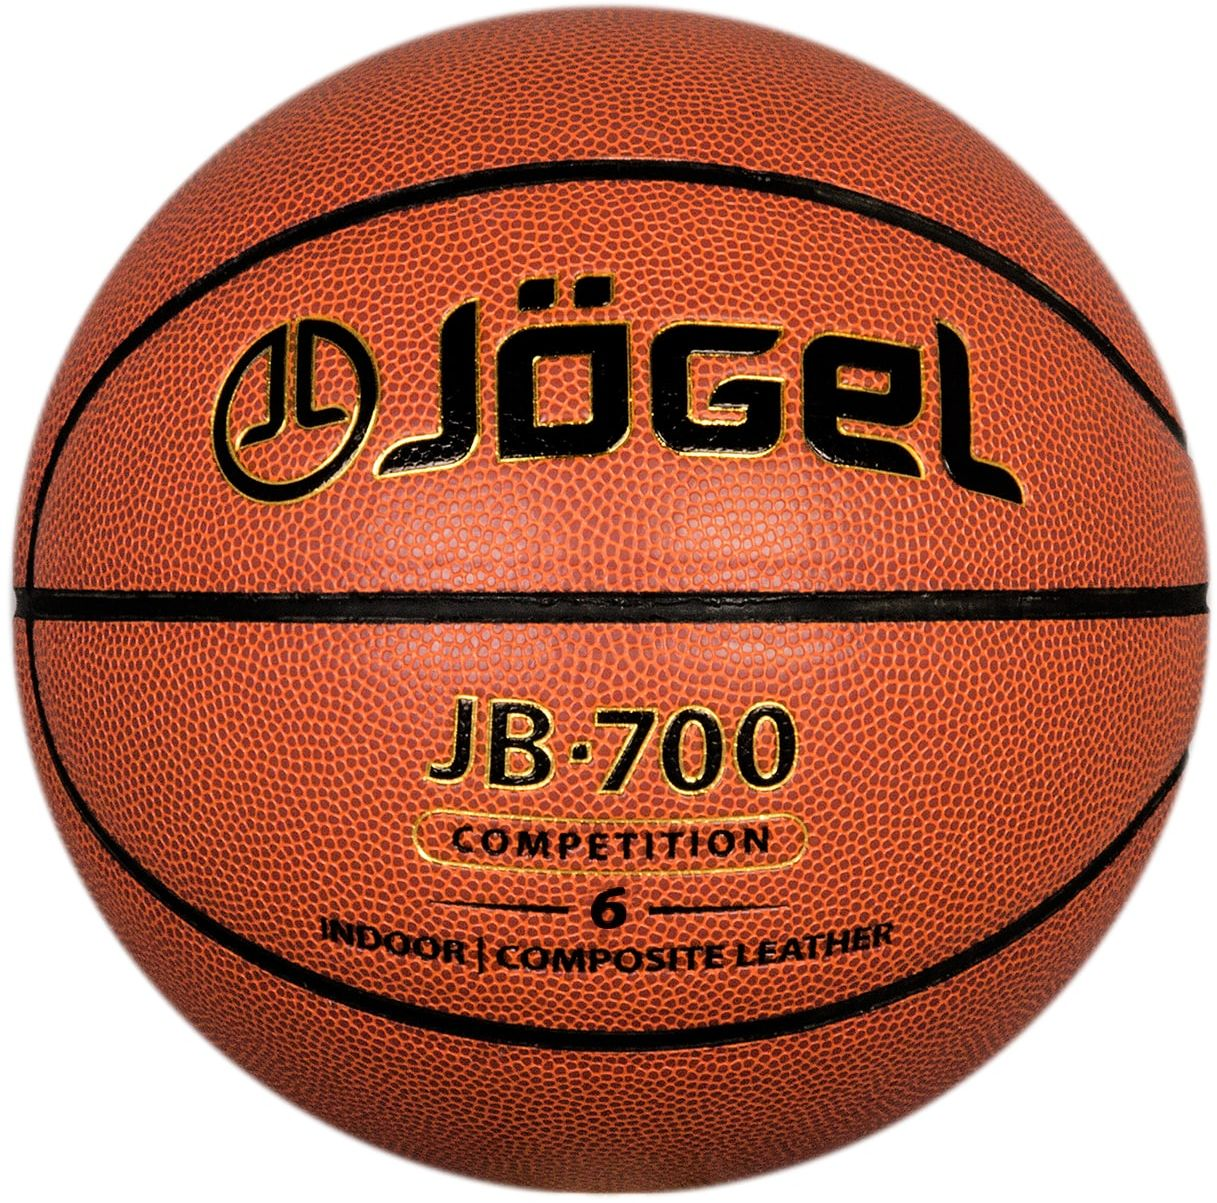 Мяч баскетбольный Jоgel JB-700, цвет: коричневый. Размер 6 баскетбольный мяч р 6 and1 competition micro fibre composite page 6